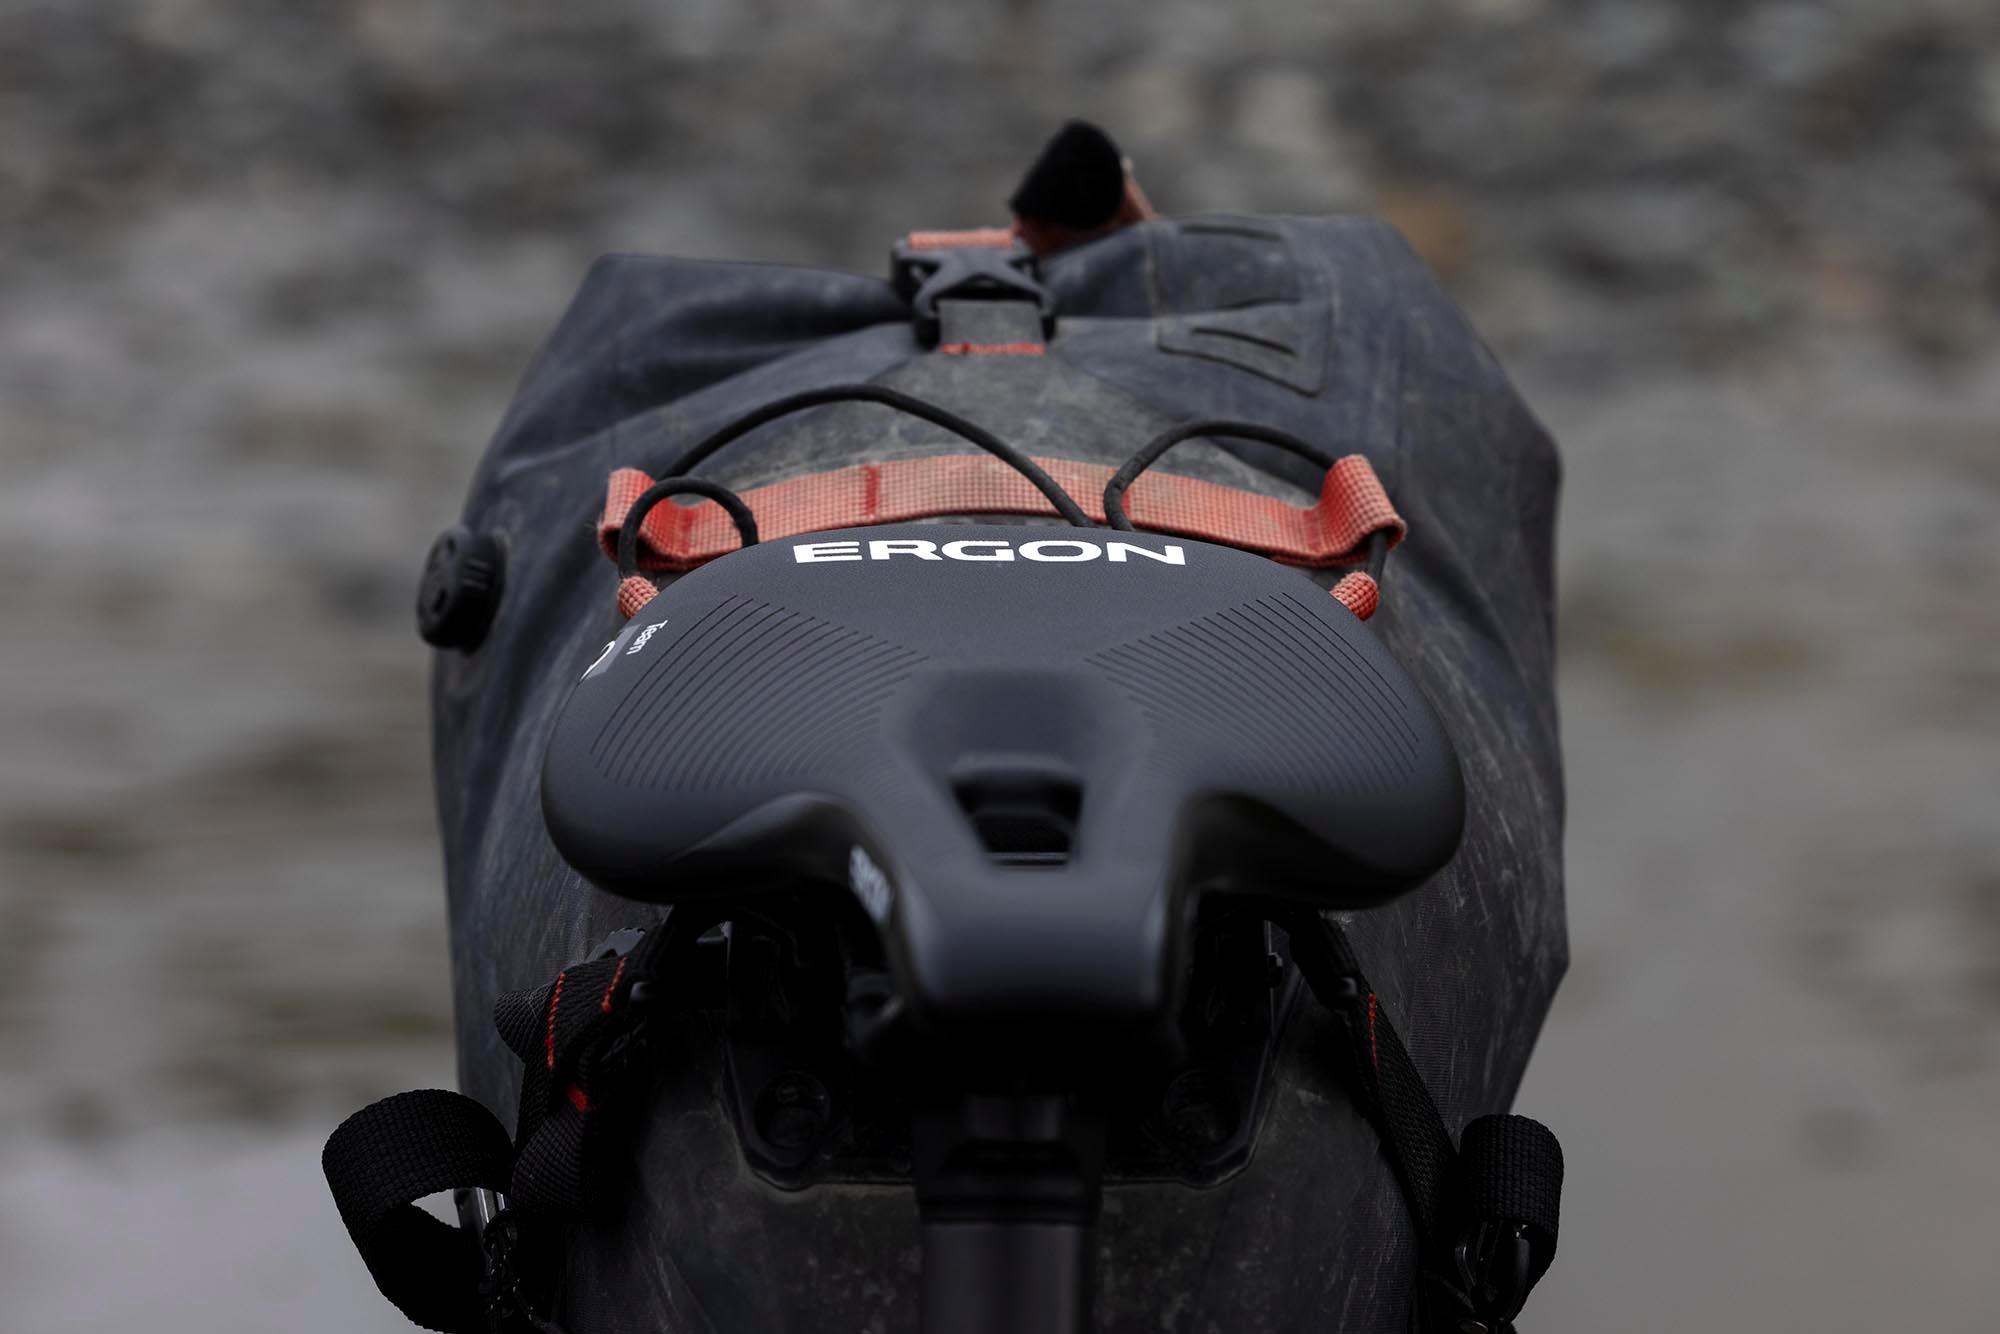 2021 July — Alaska Pipeline FKT — Bike and Gear 10 small